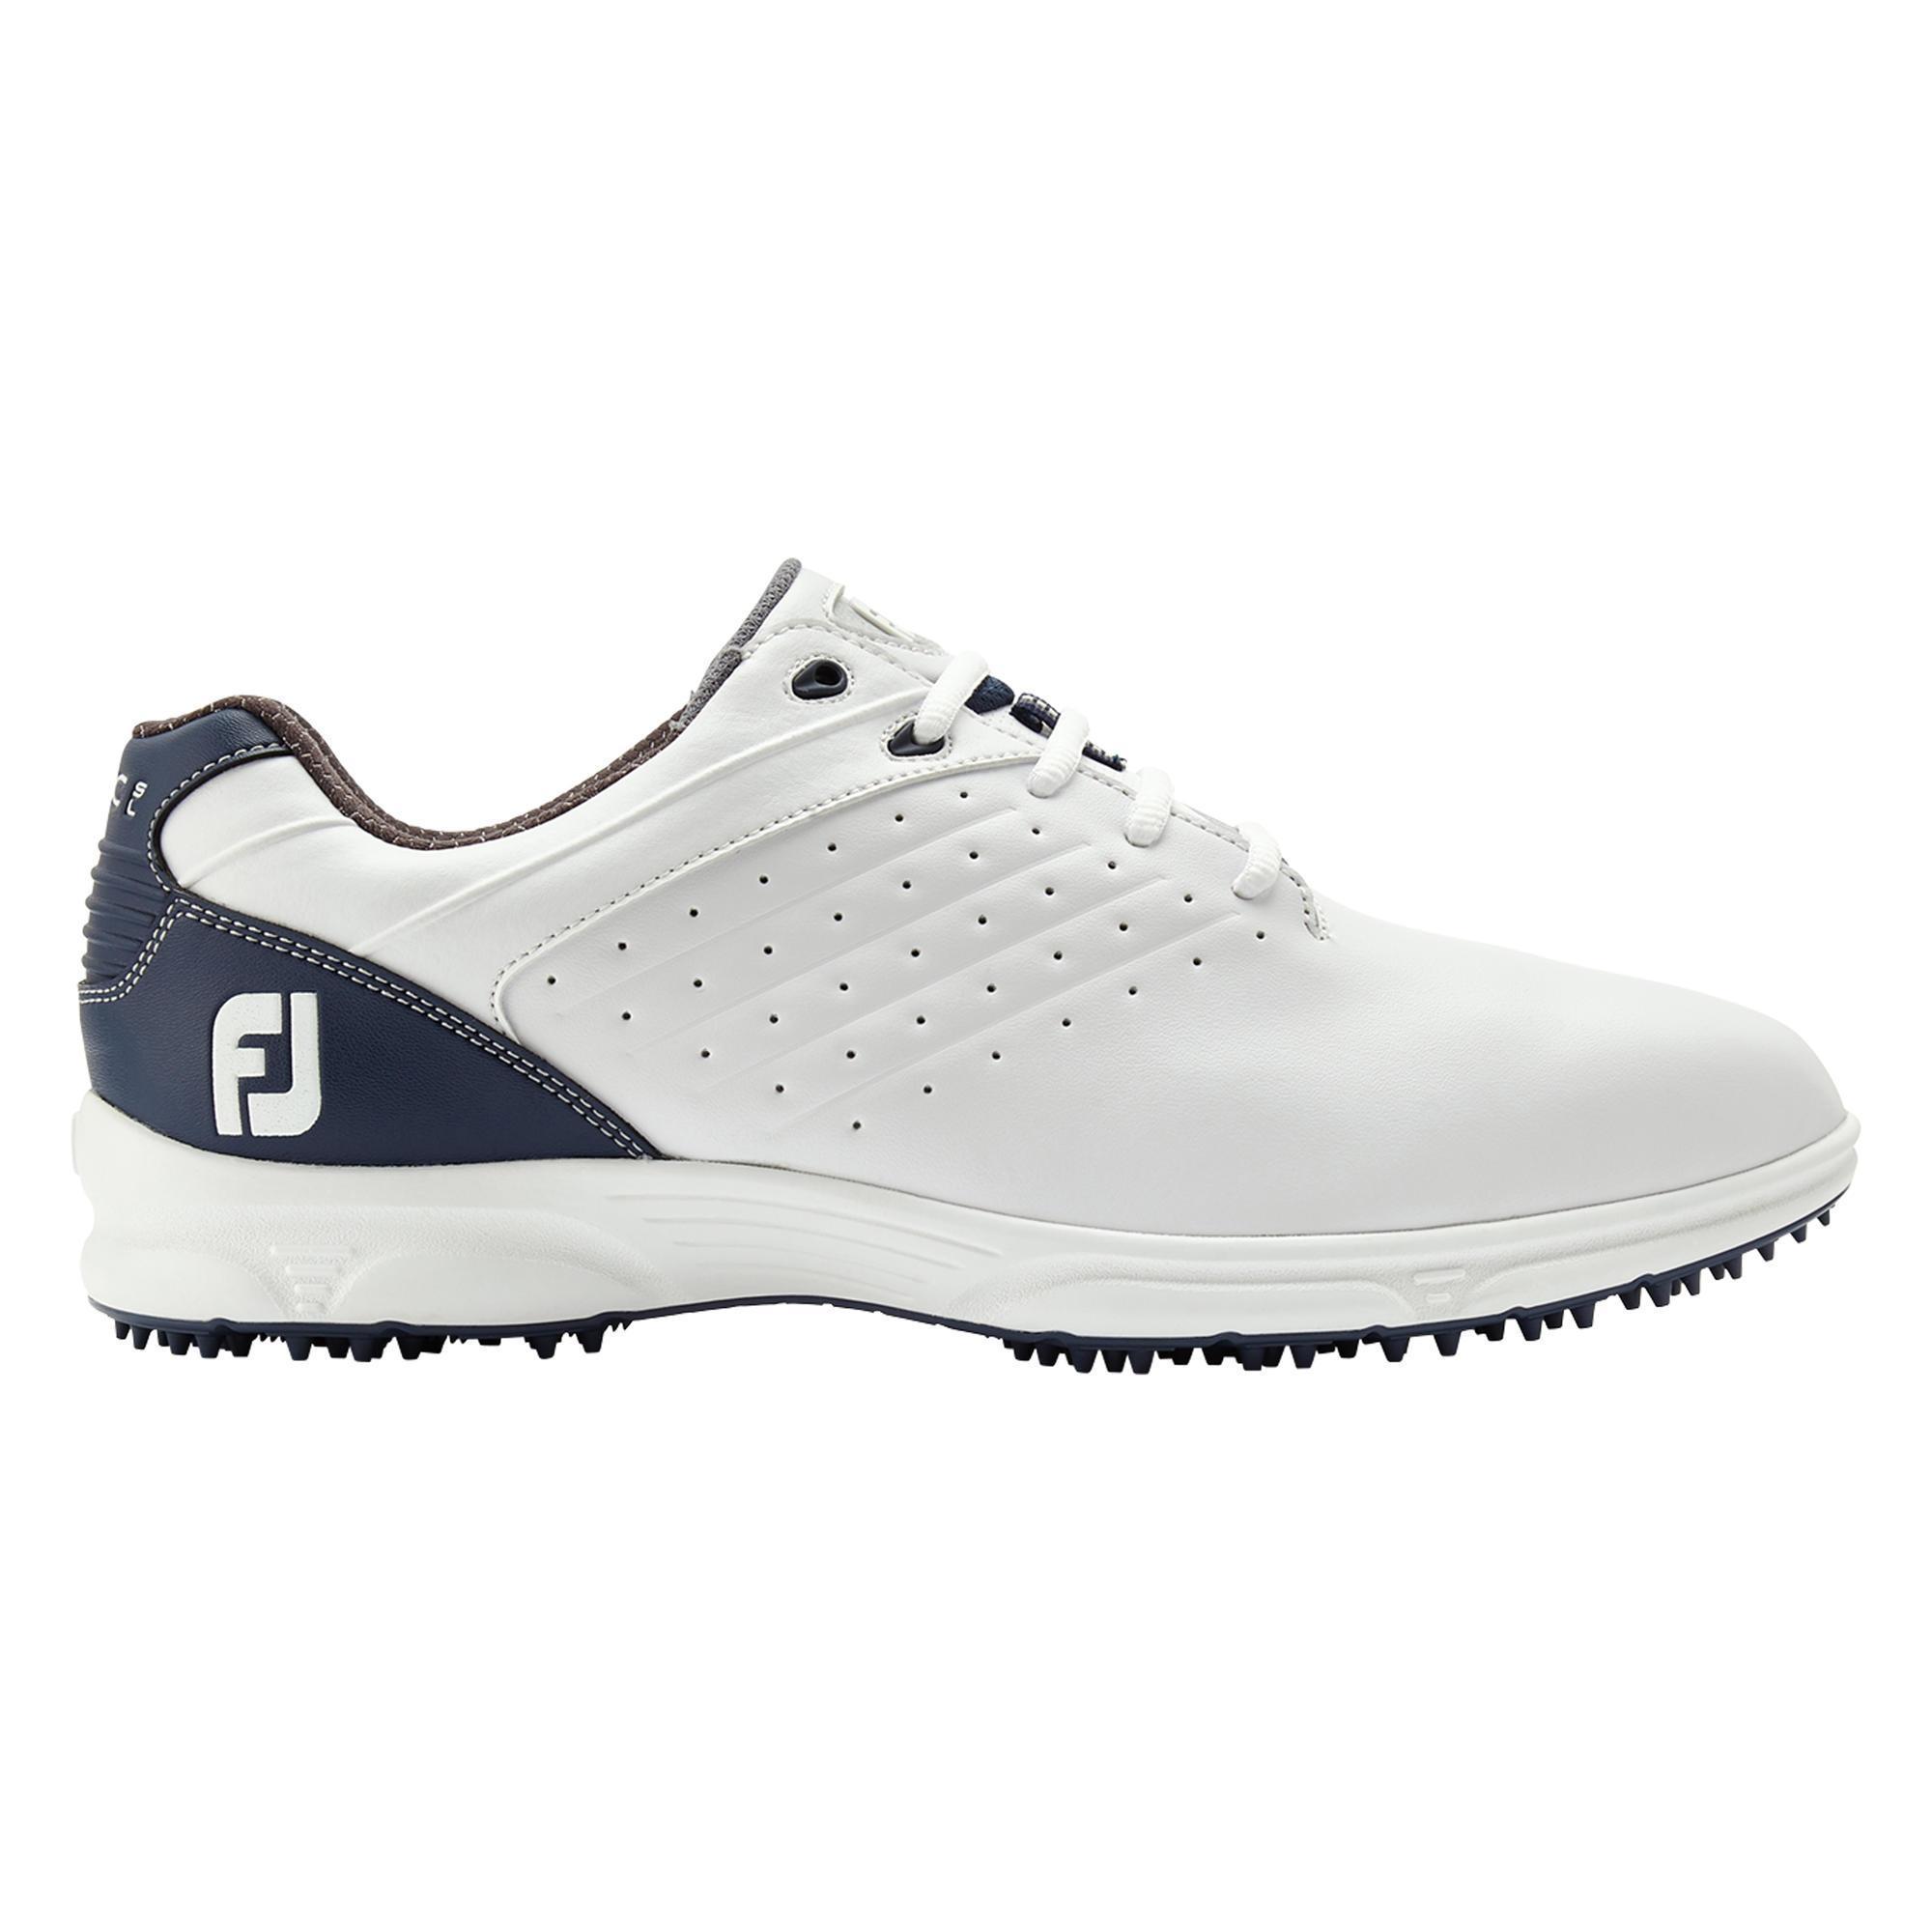 Footjoy Golfschoenen voor heren Arc SL wit/marineblauw